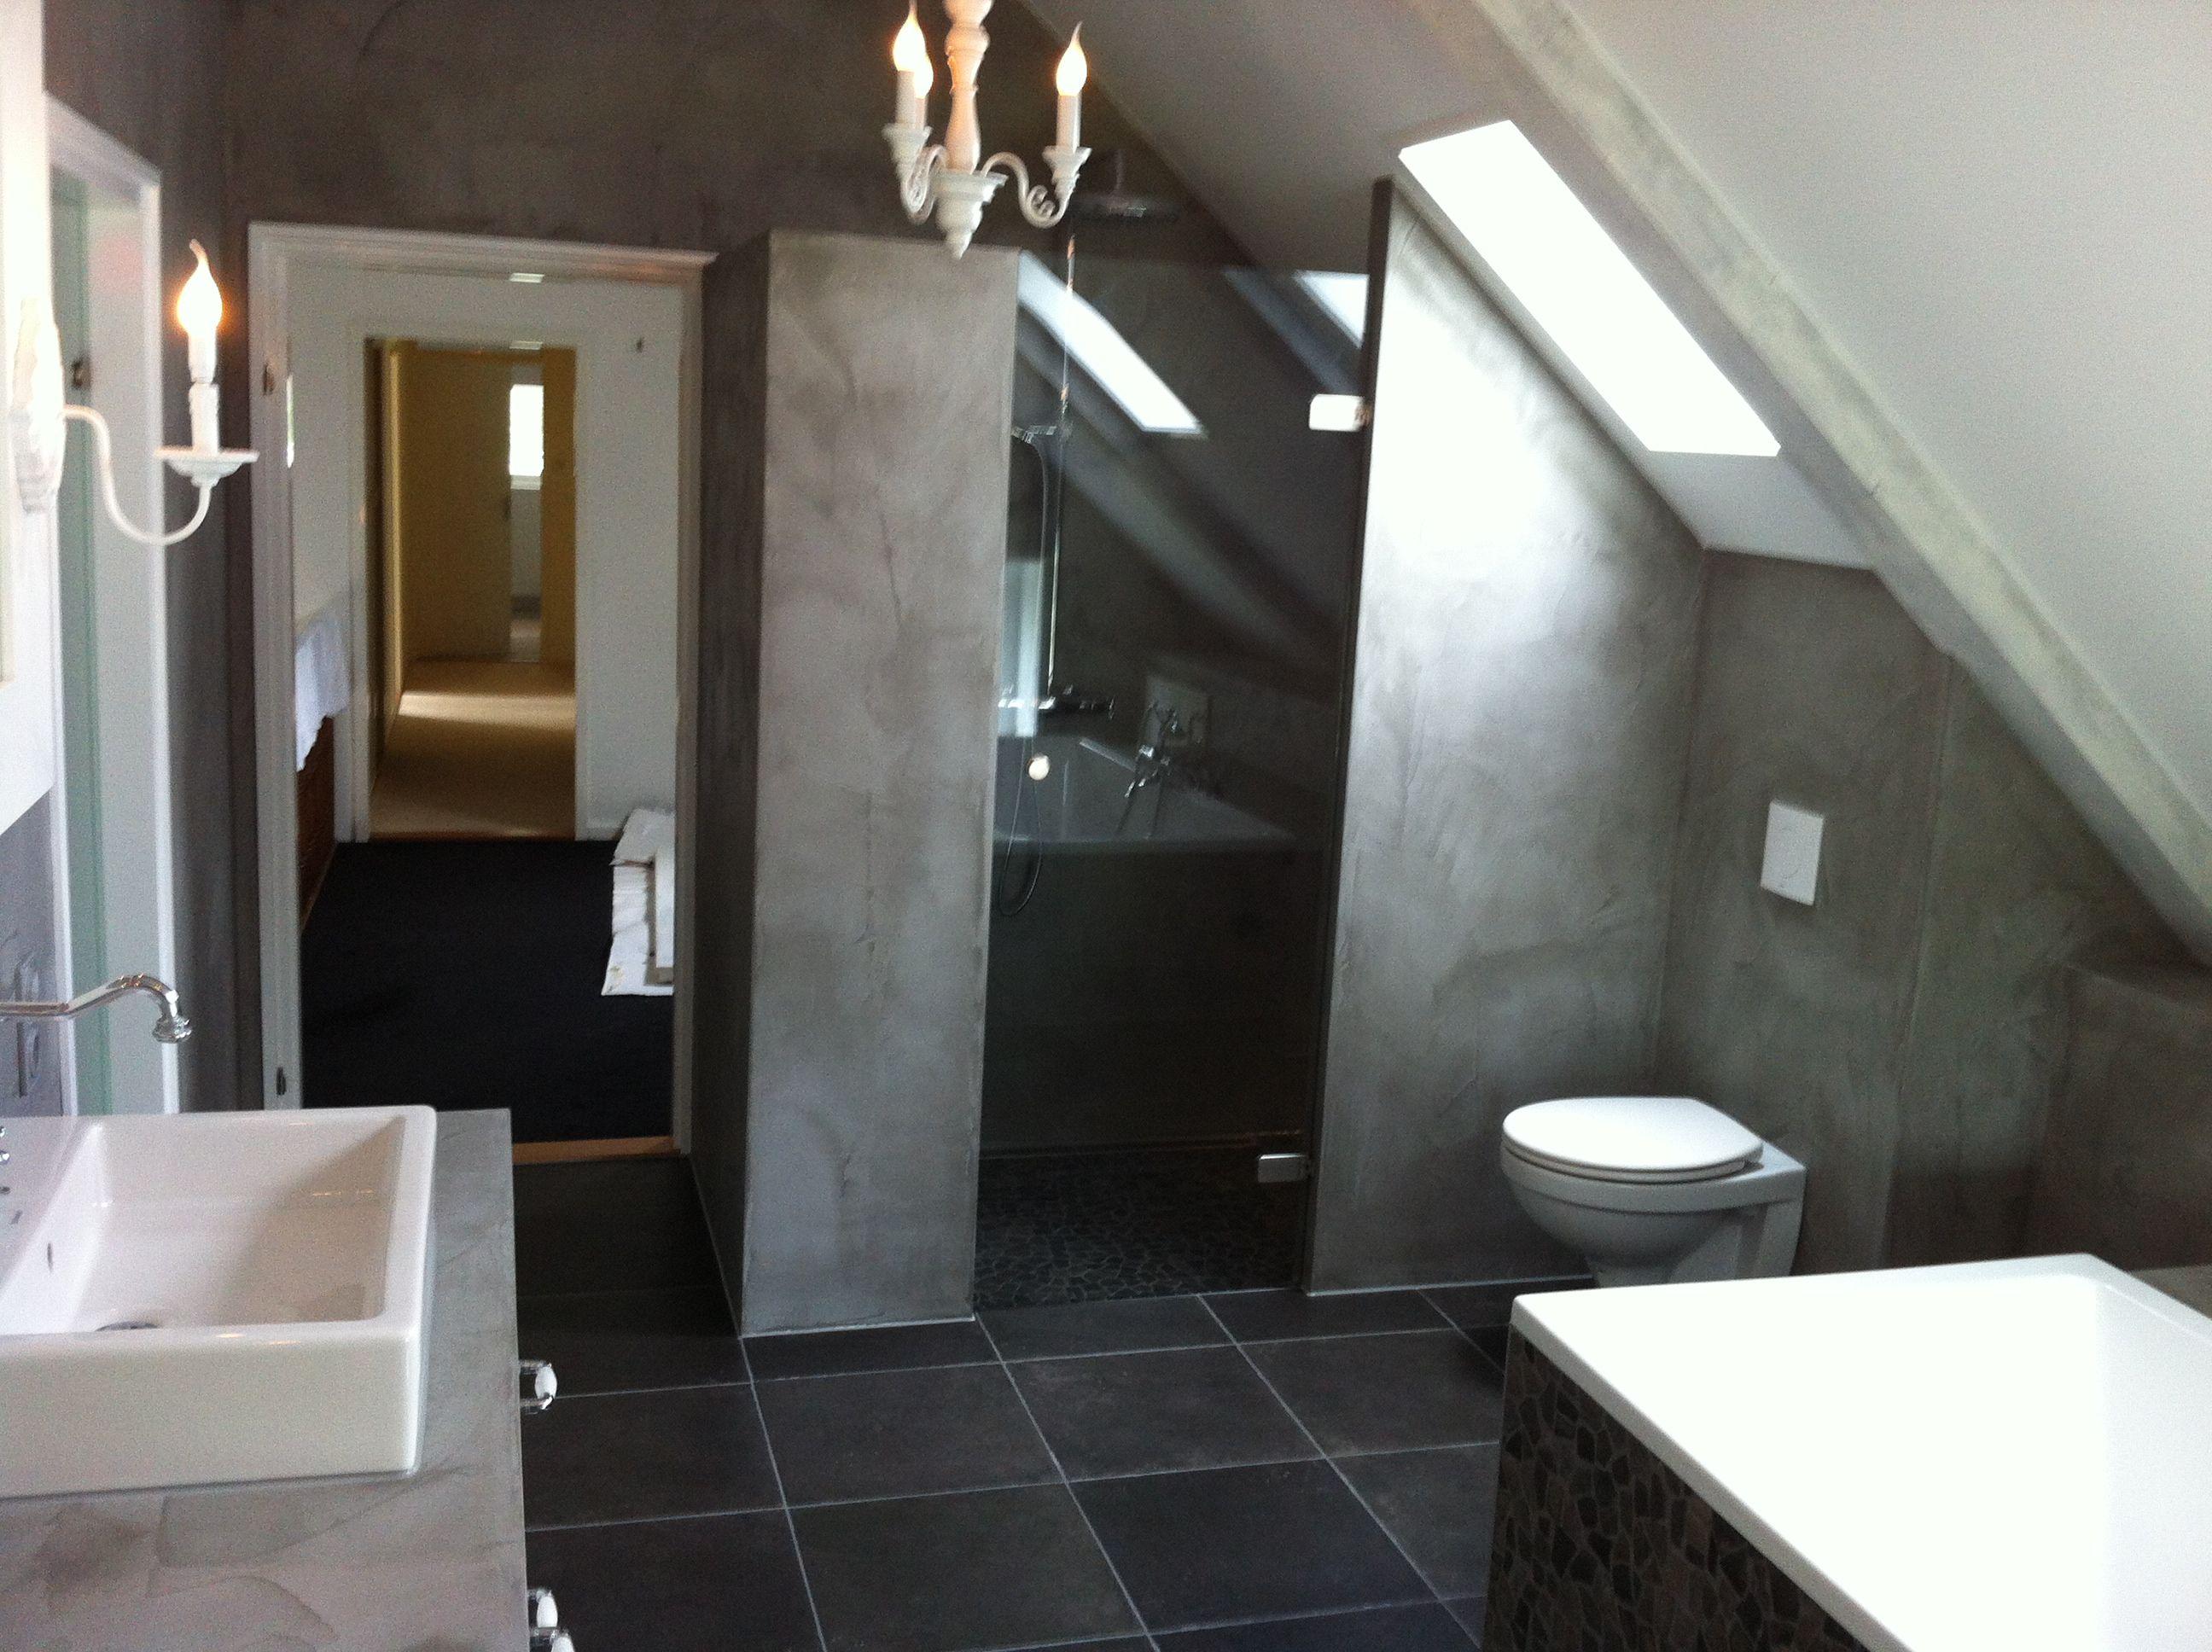 douche oplossing bijzondere badkamer ideeà n voor het huis